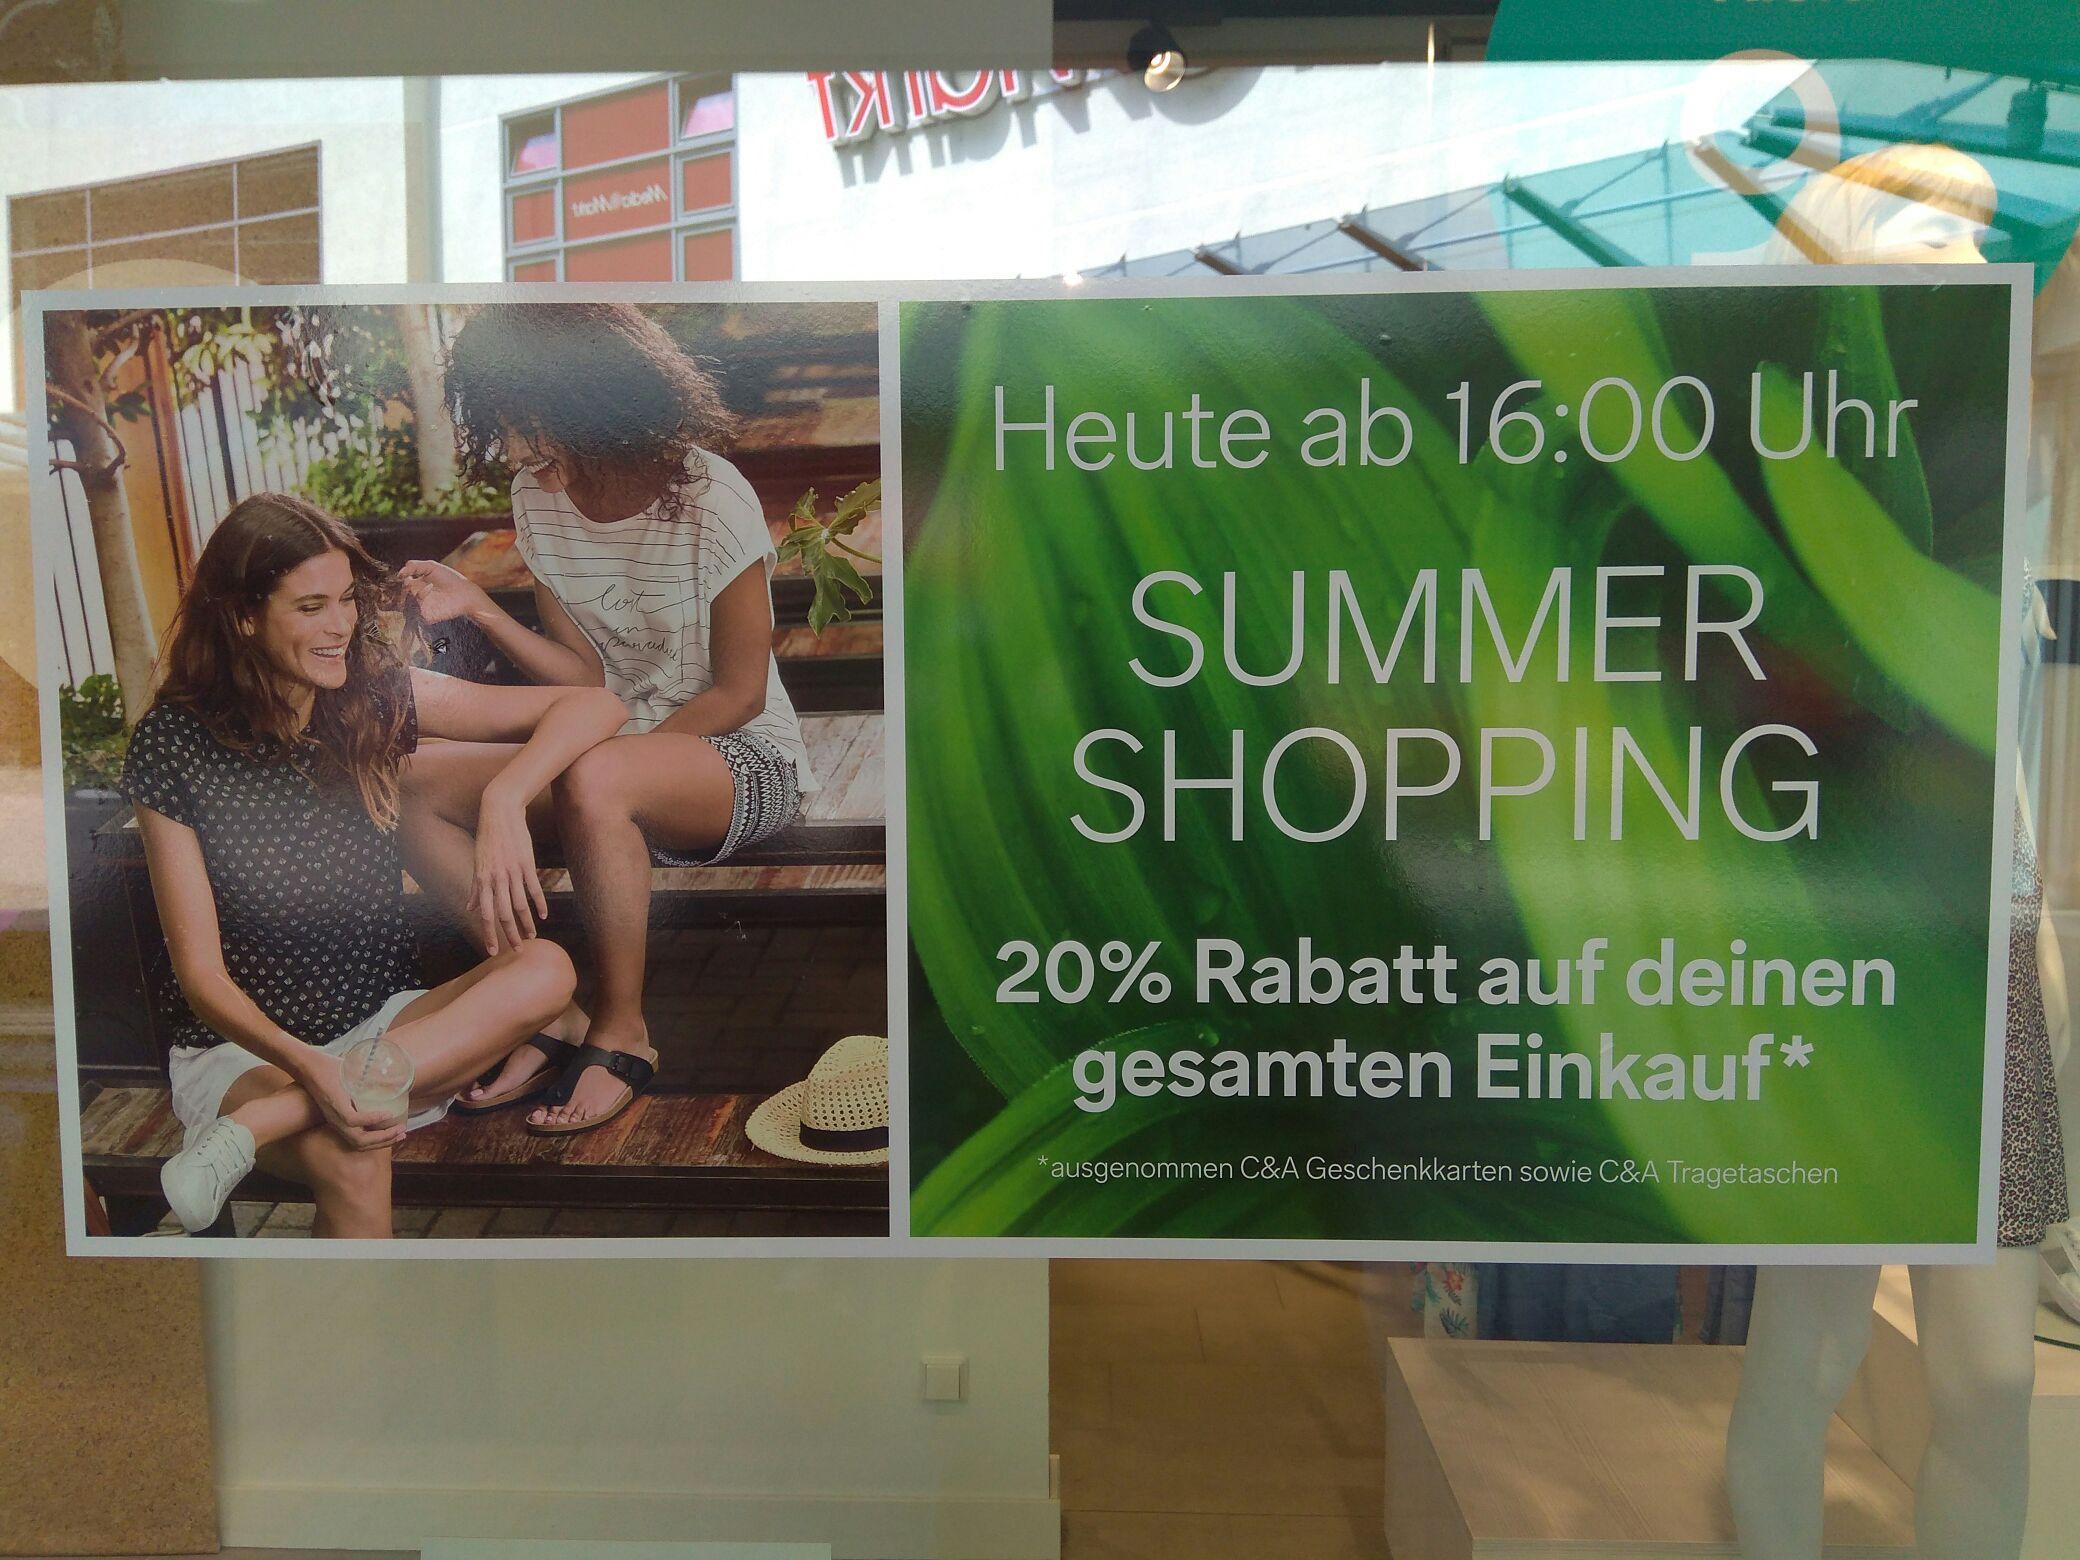 C&A MTZ Summer Shopping 20% Rabatt auf alles außer Gutscheinkarten und Tragetaschen